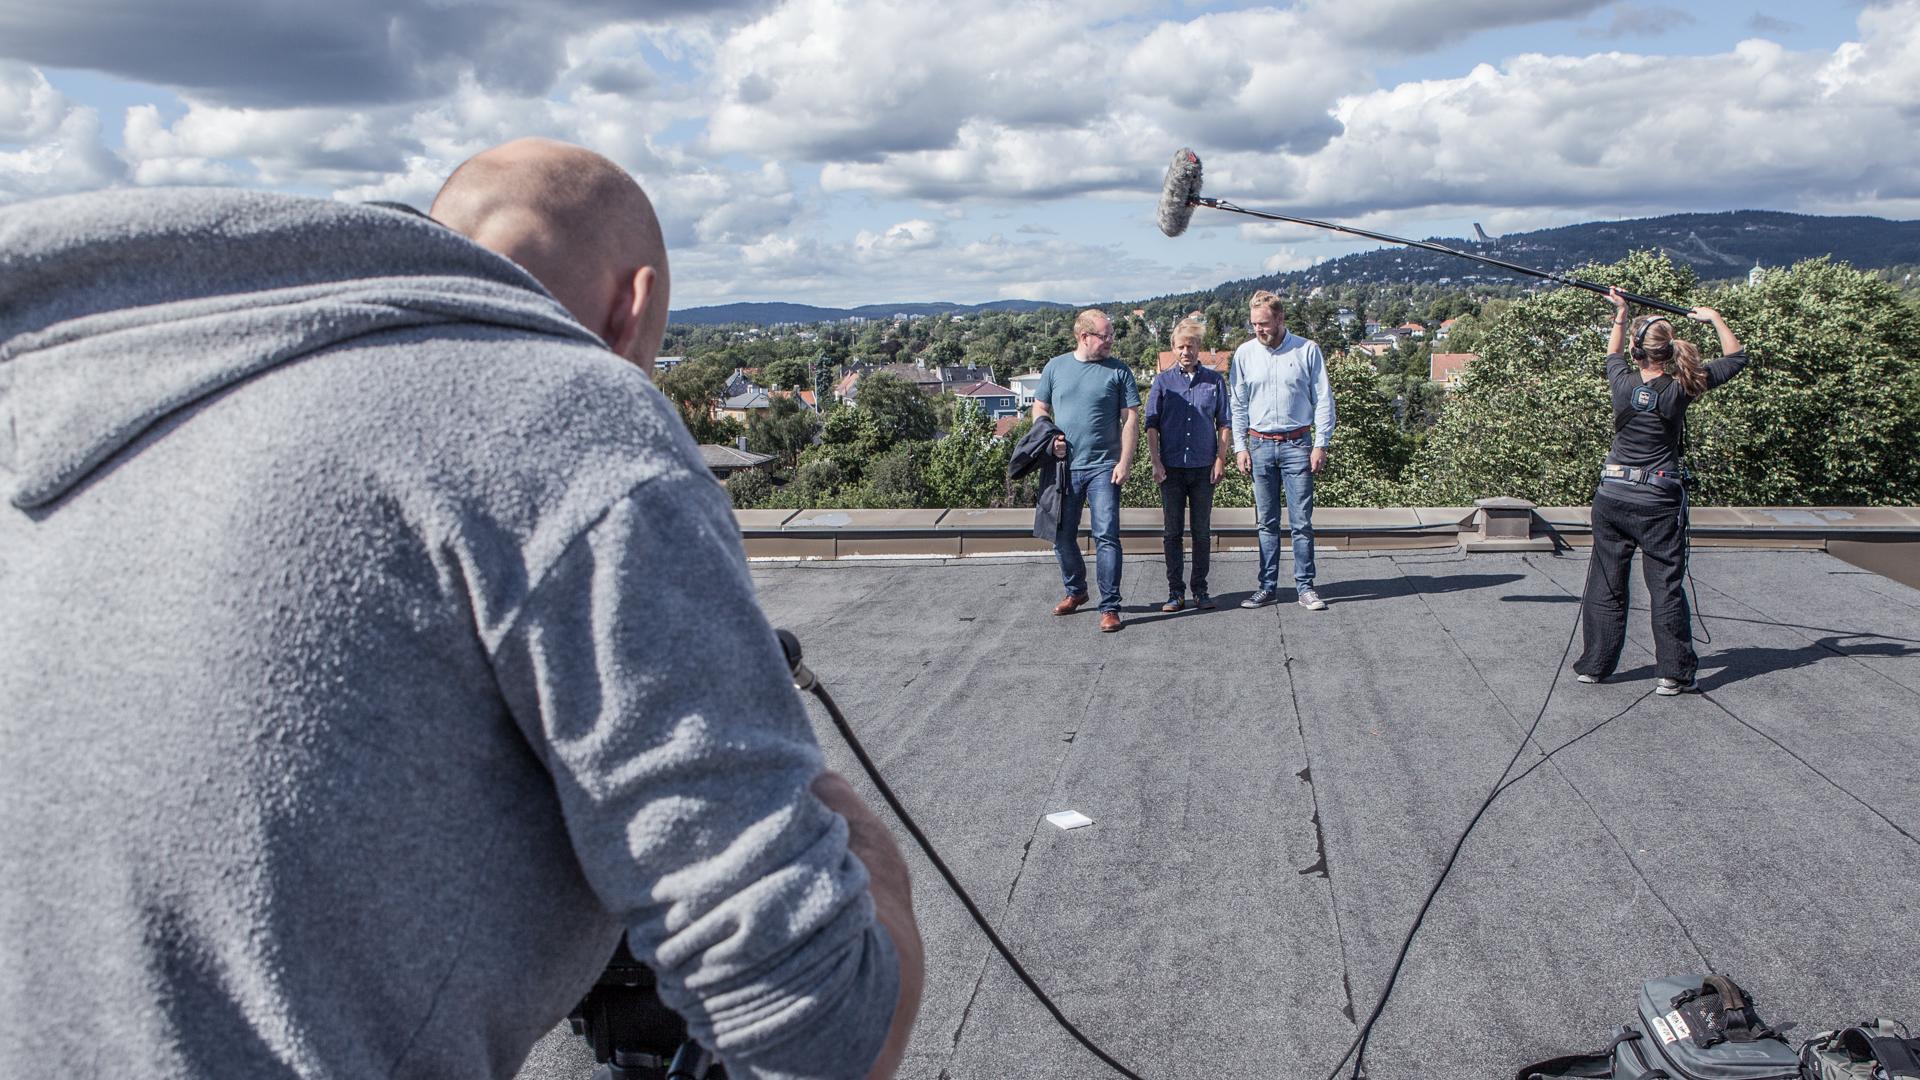 Steinar, Tore og Bjarte på taket under innspilling til Valgvake-promo 2013. Foto: Mattis Folkestad/NRK.